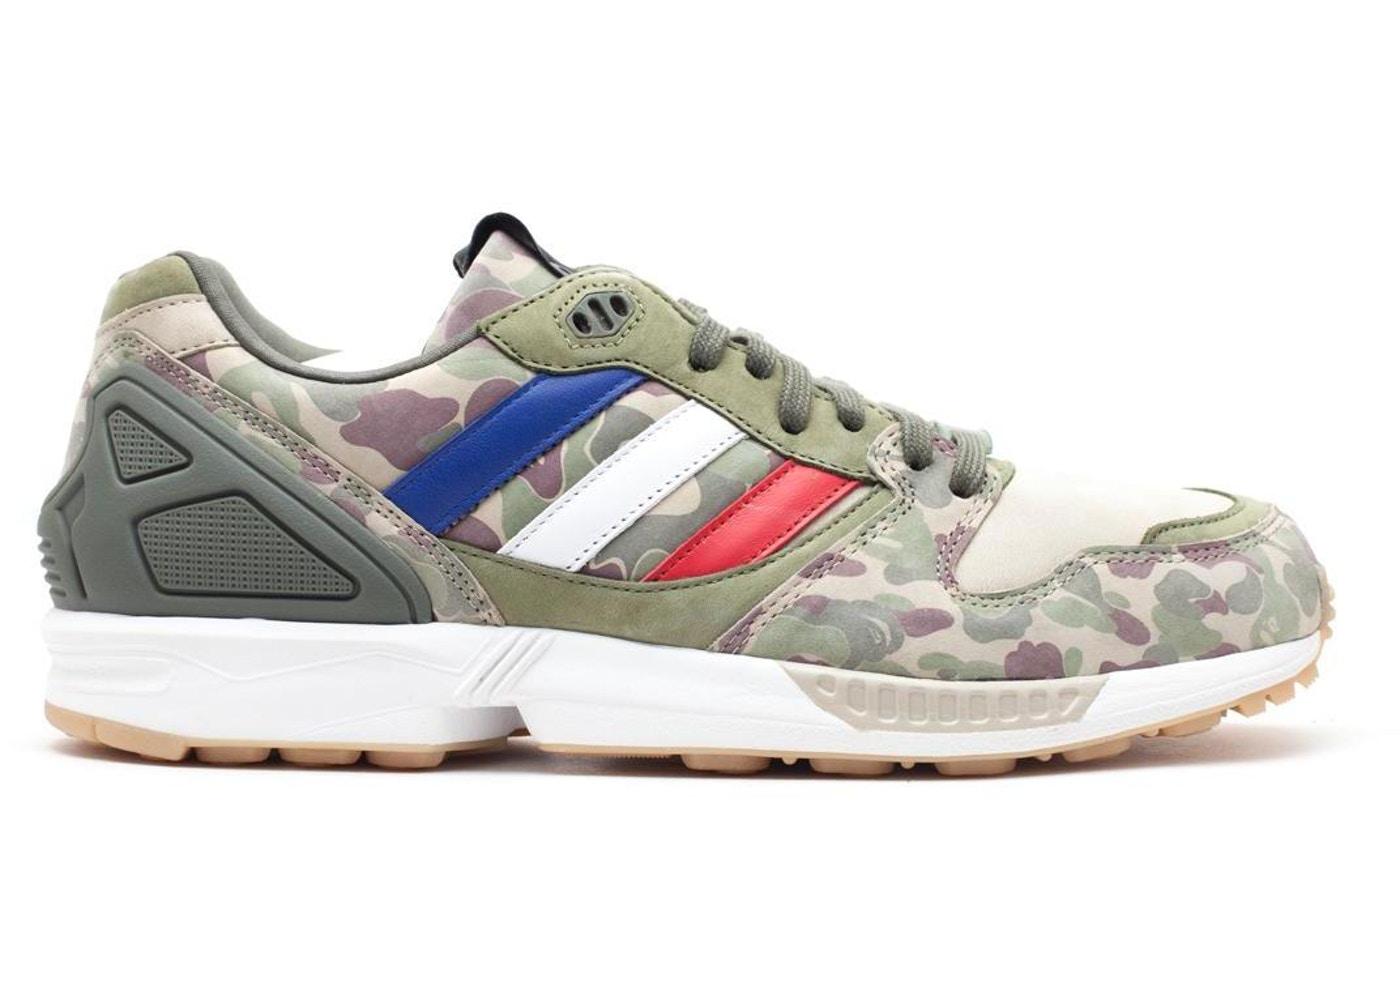 メンズ靴, スニーカー  ADIDAS CAMO ZX 5000 UNDFTD X BAPE TECGOL WHTVAP GUM3